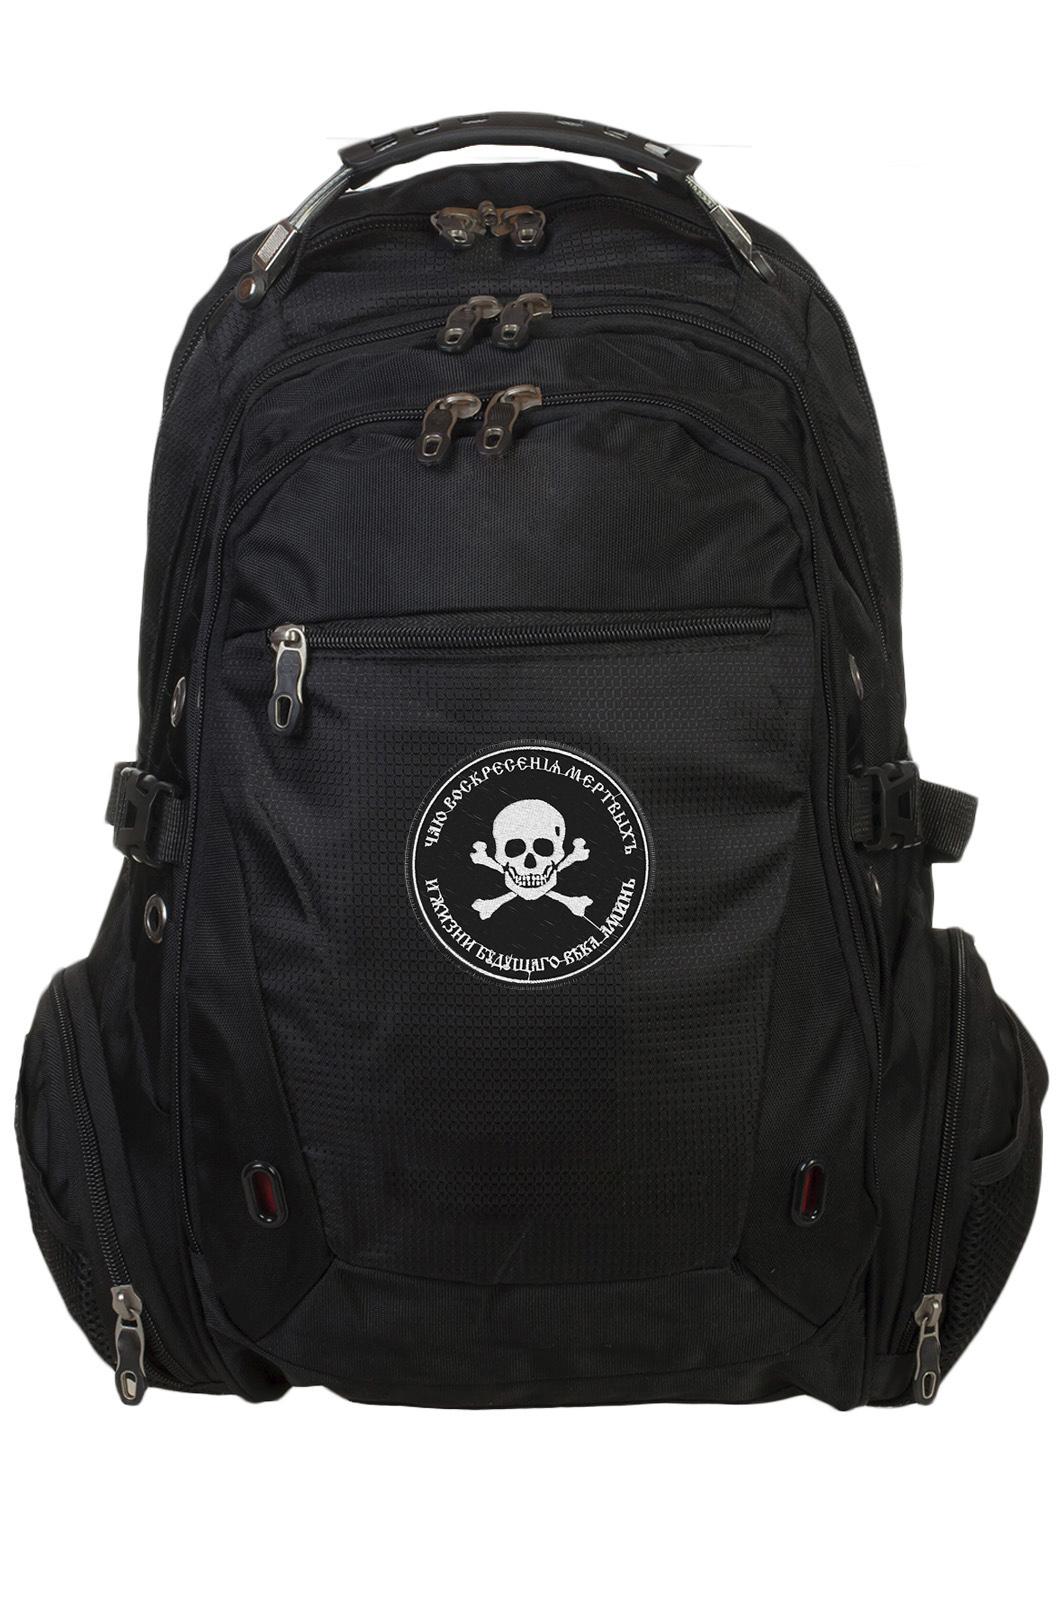 Четкий городской рюкзак с эмблемой генерала Бакланова